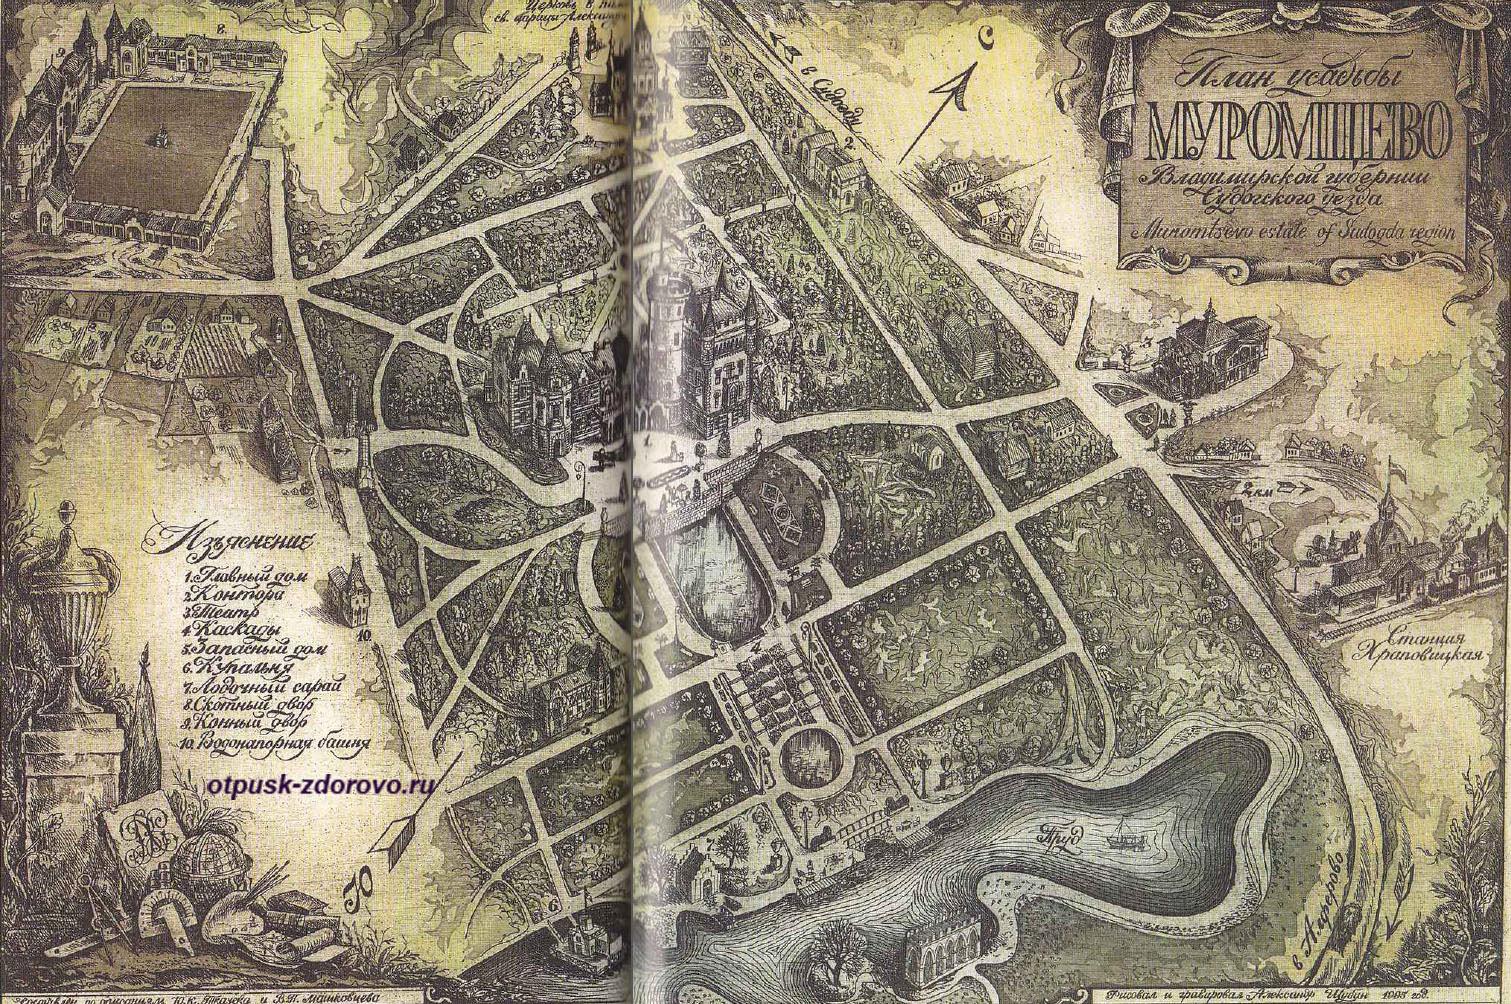 hram-usadba-v-muromtsevo-istoriya-graf-hrapovitski-09.jpg